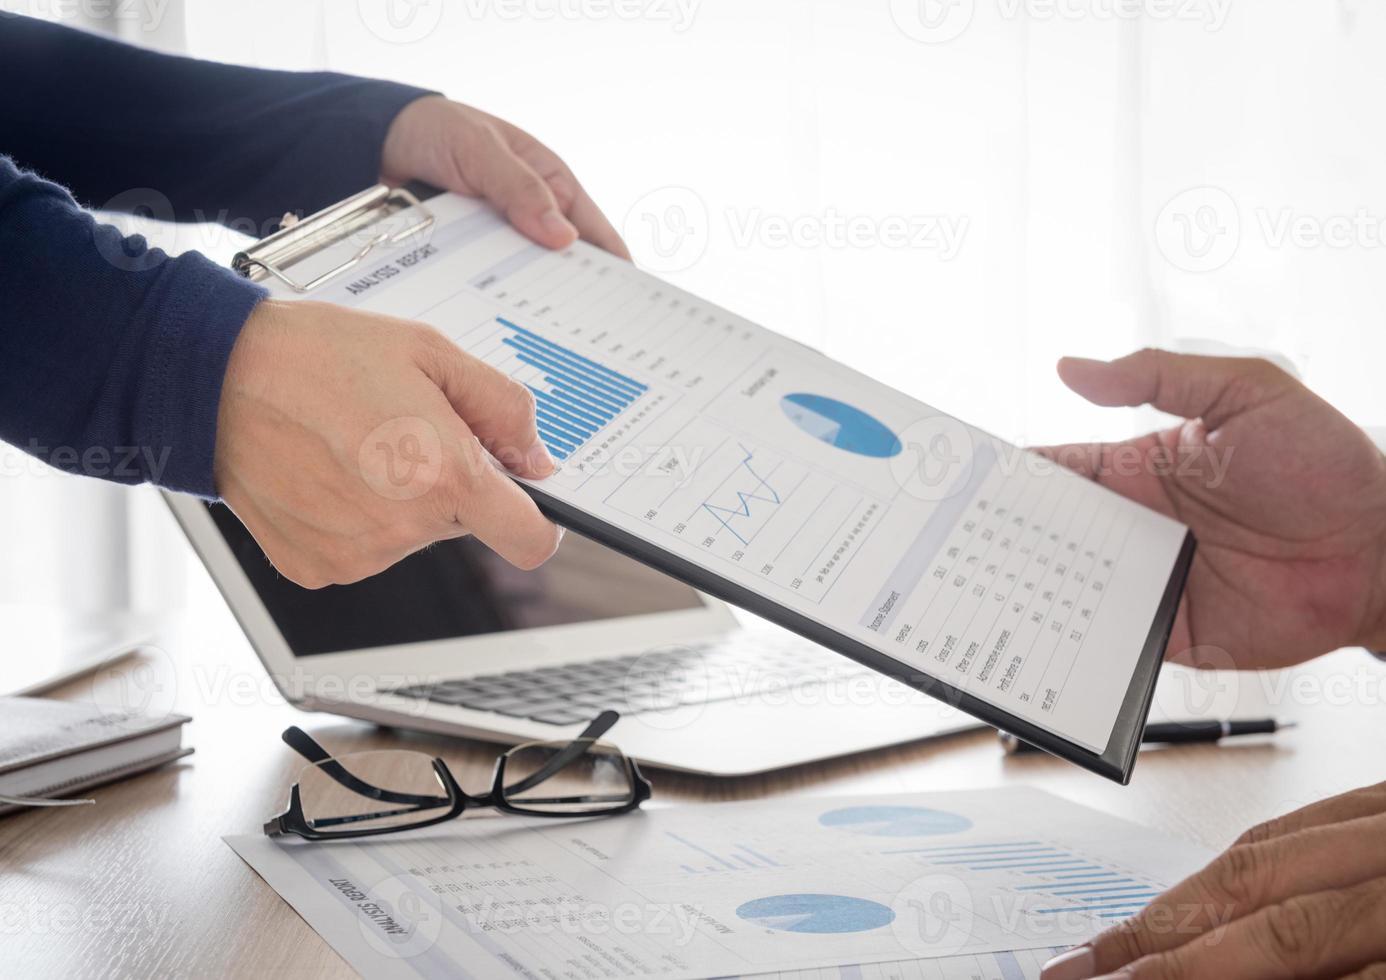 zakelijk en financieel foto